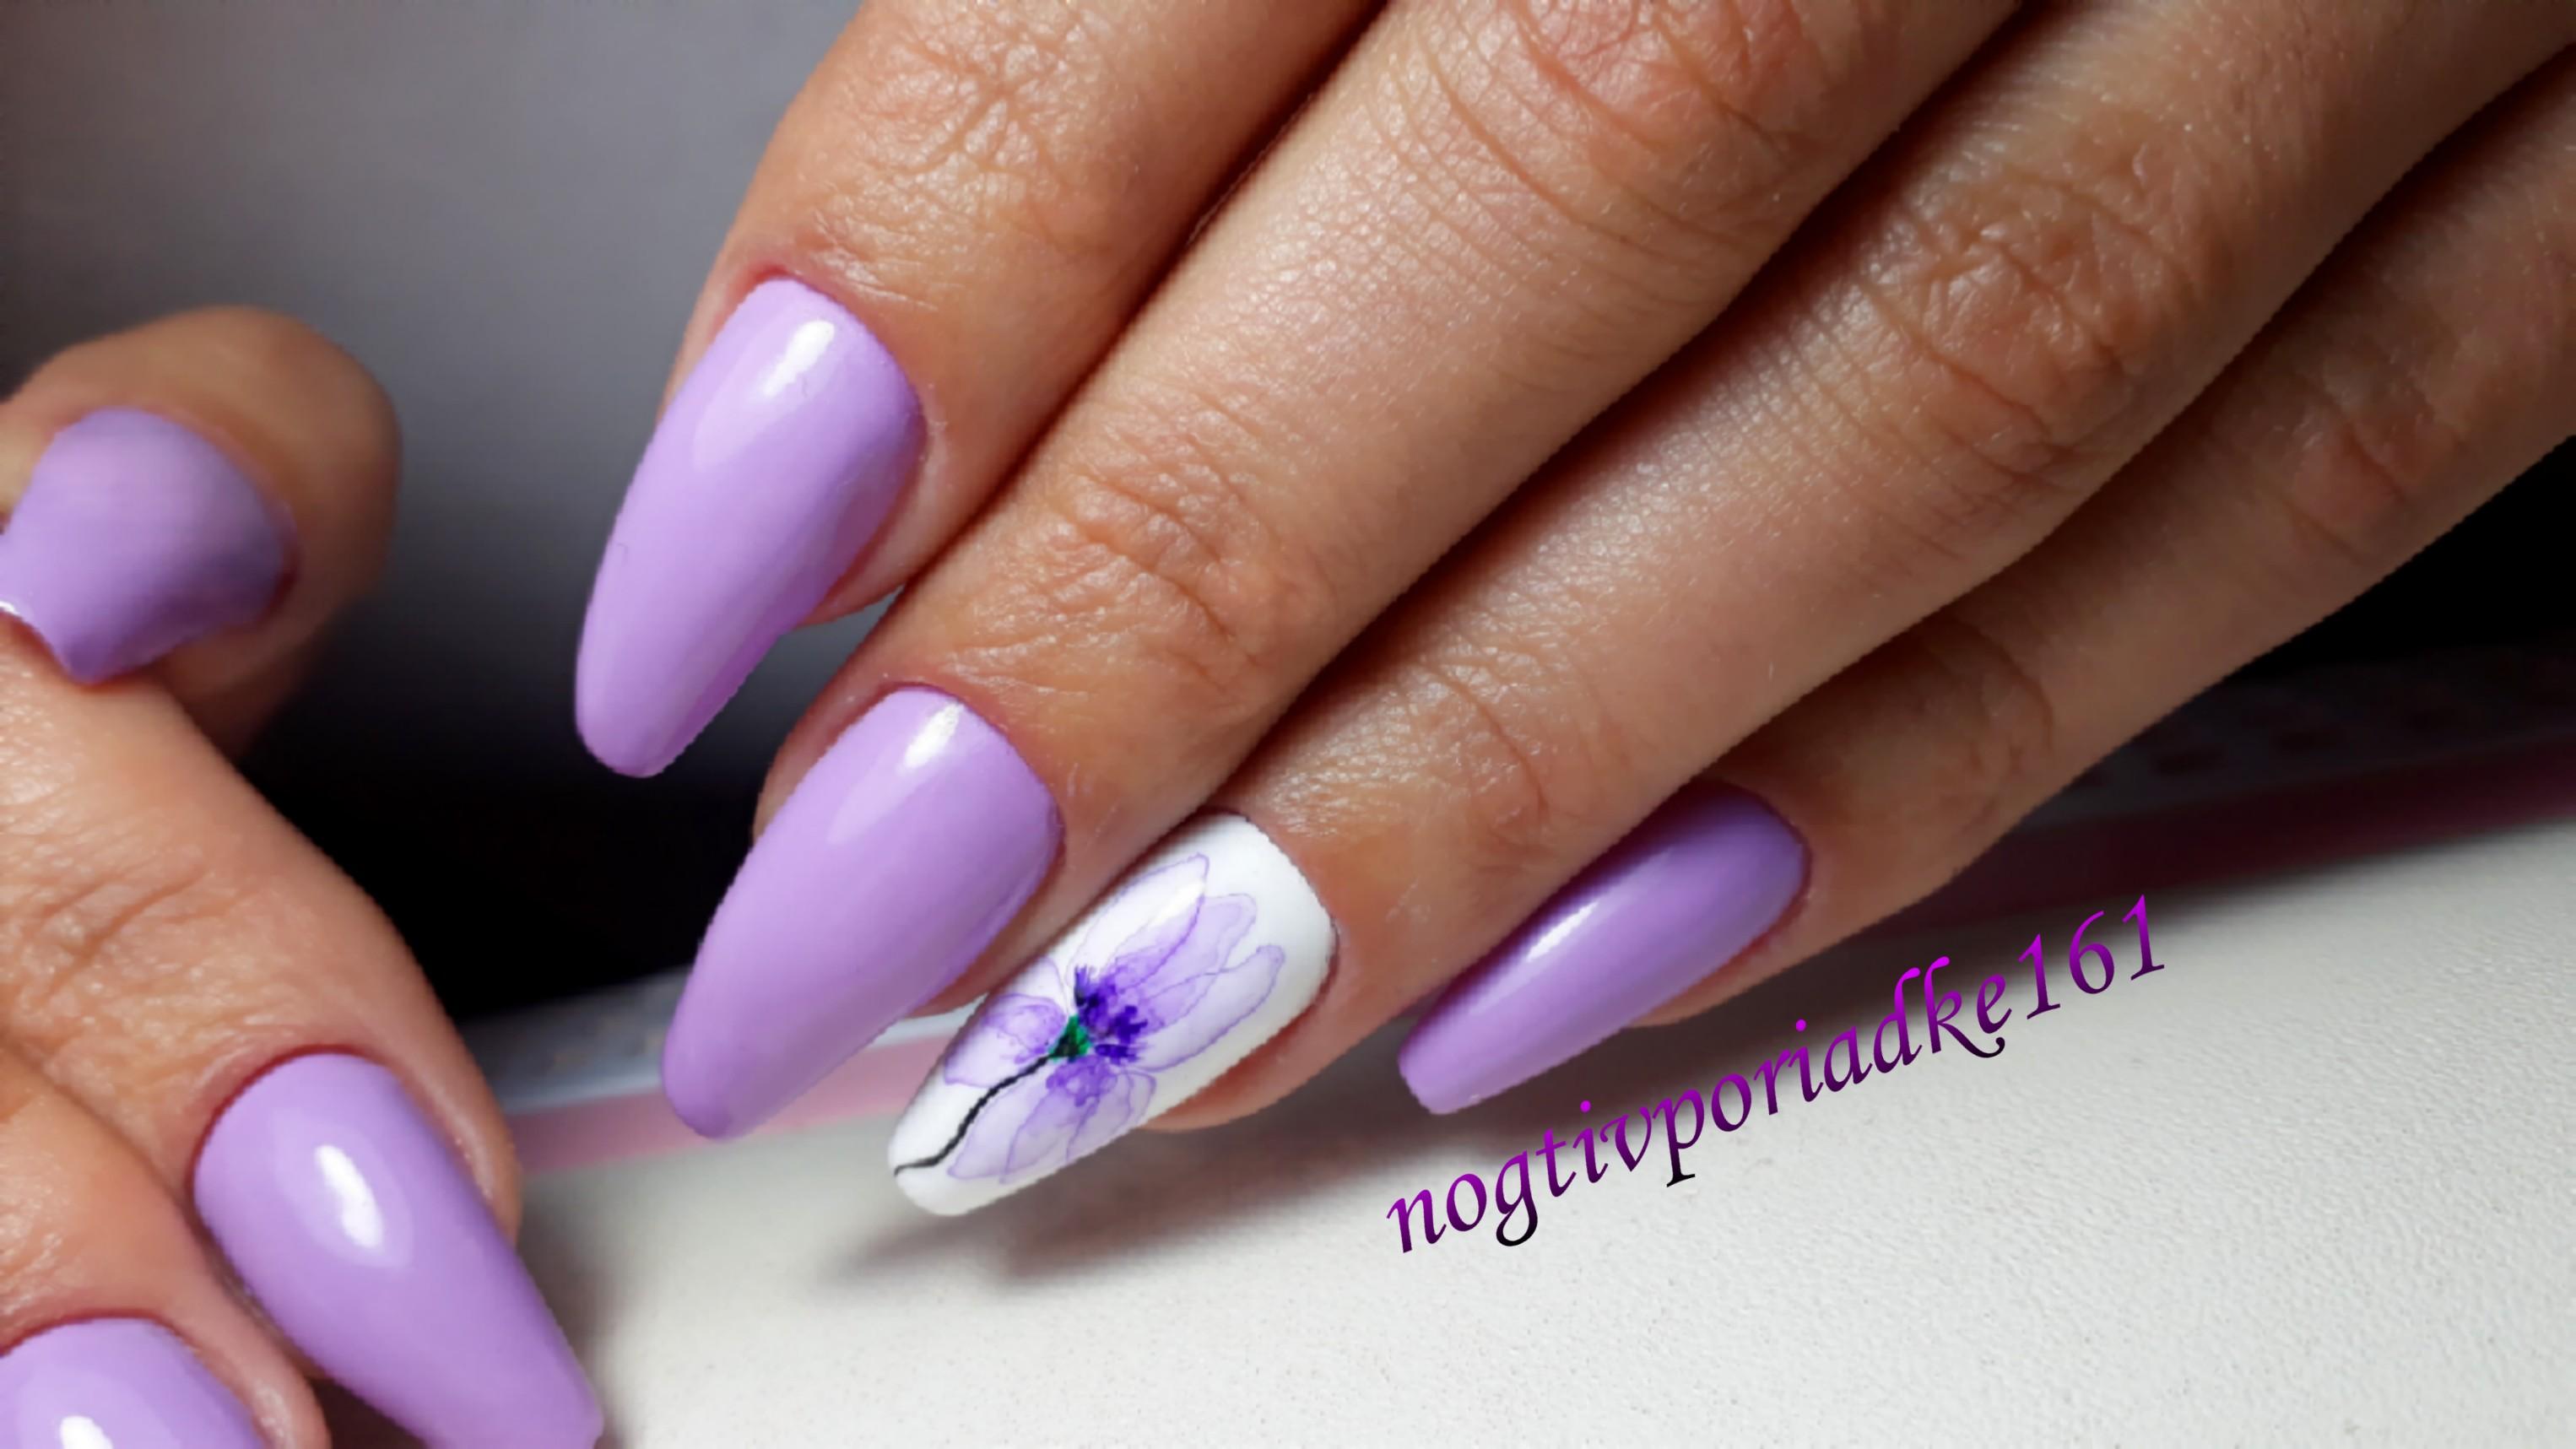 Маникюр с акварельным цветочным рисунком в сиреневом цвете на длинные ногти.